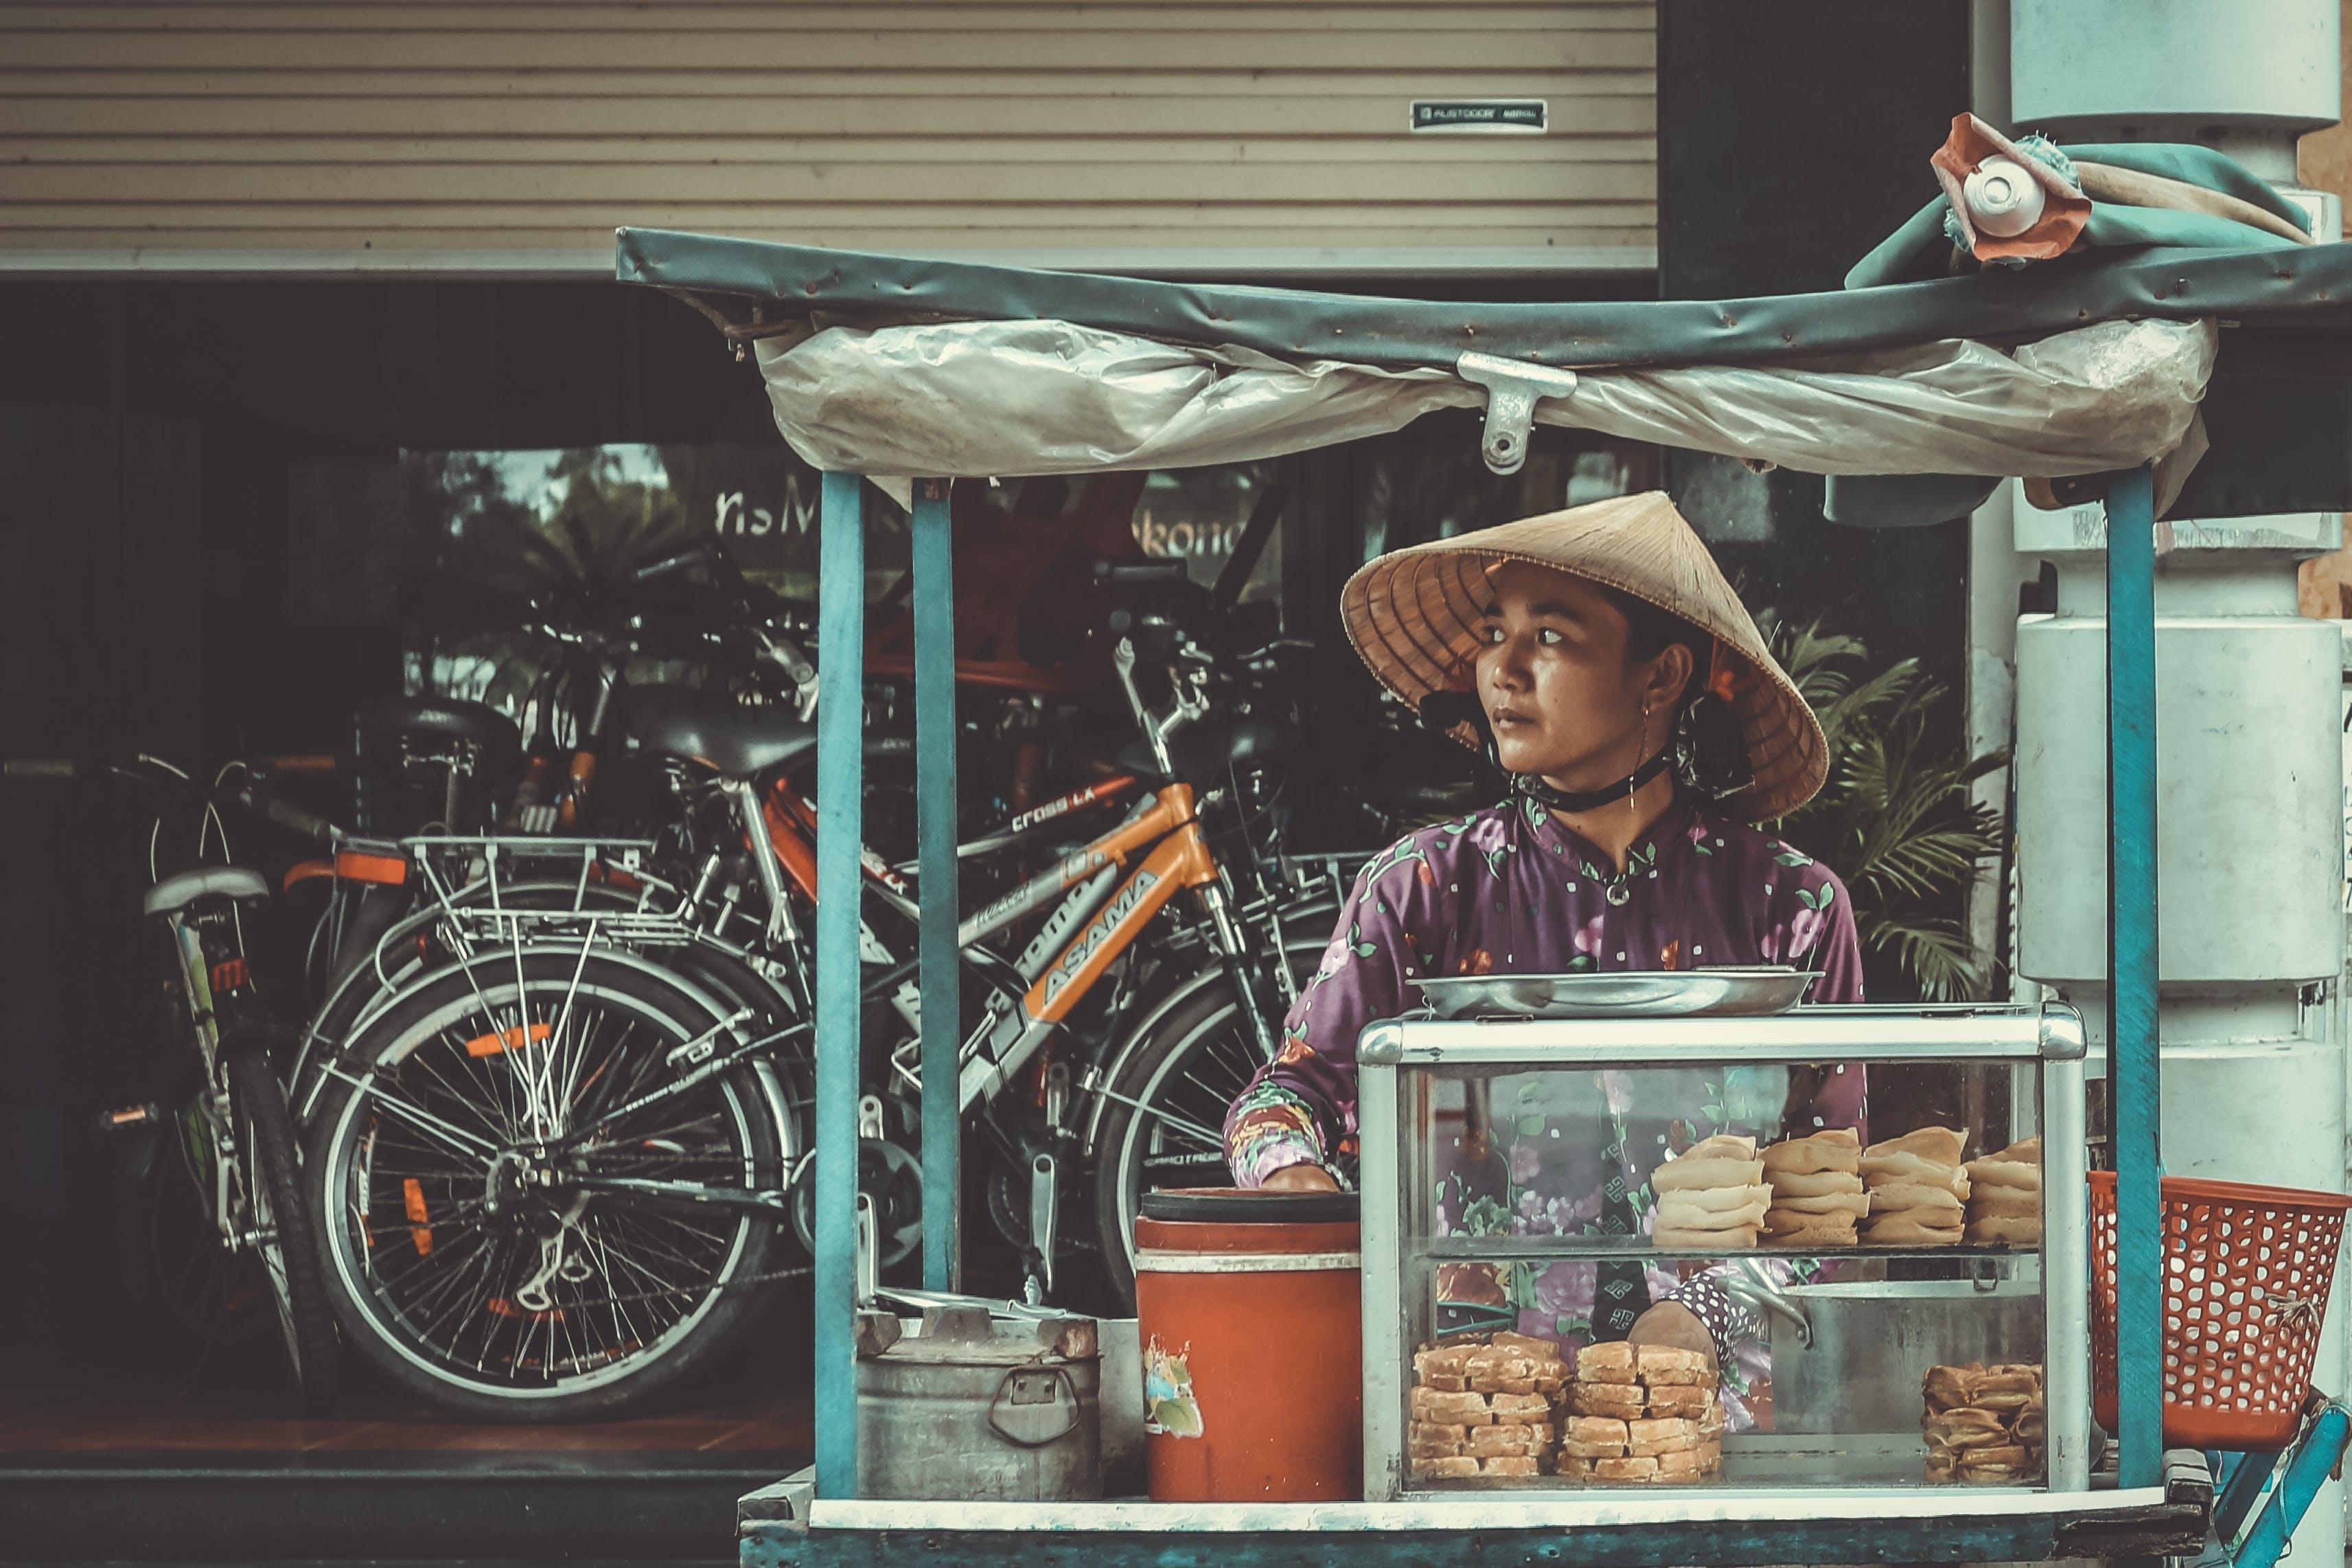 アジアの女性, 商取引, 女性, 屋台の食べ物の無料の写真素材